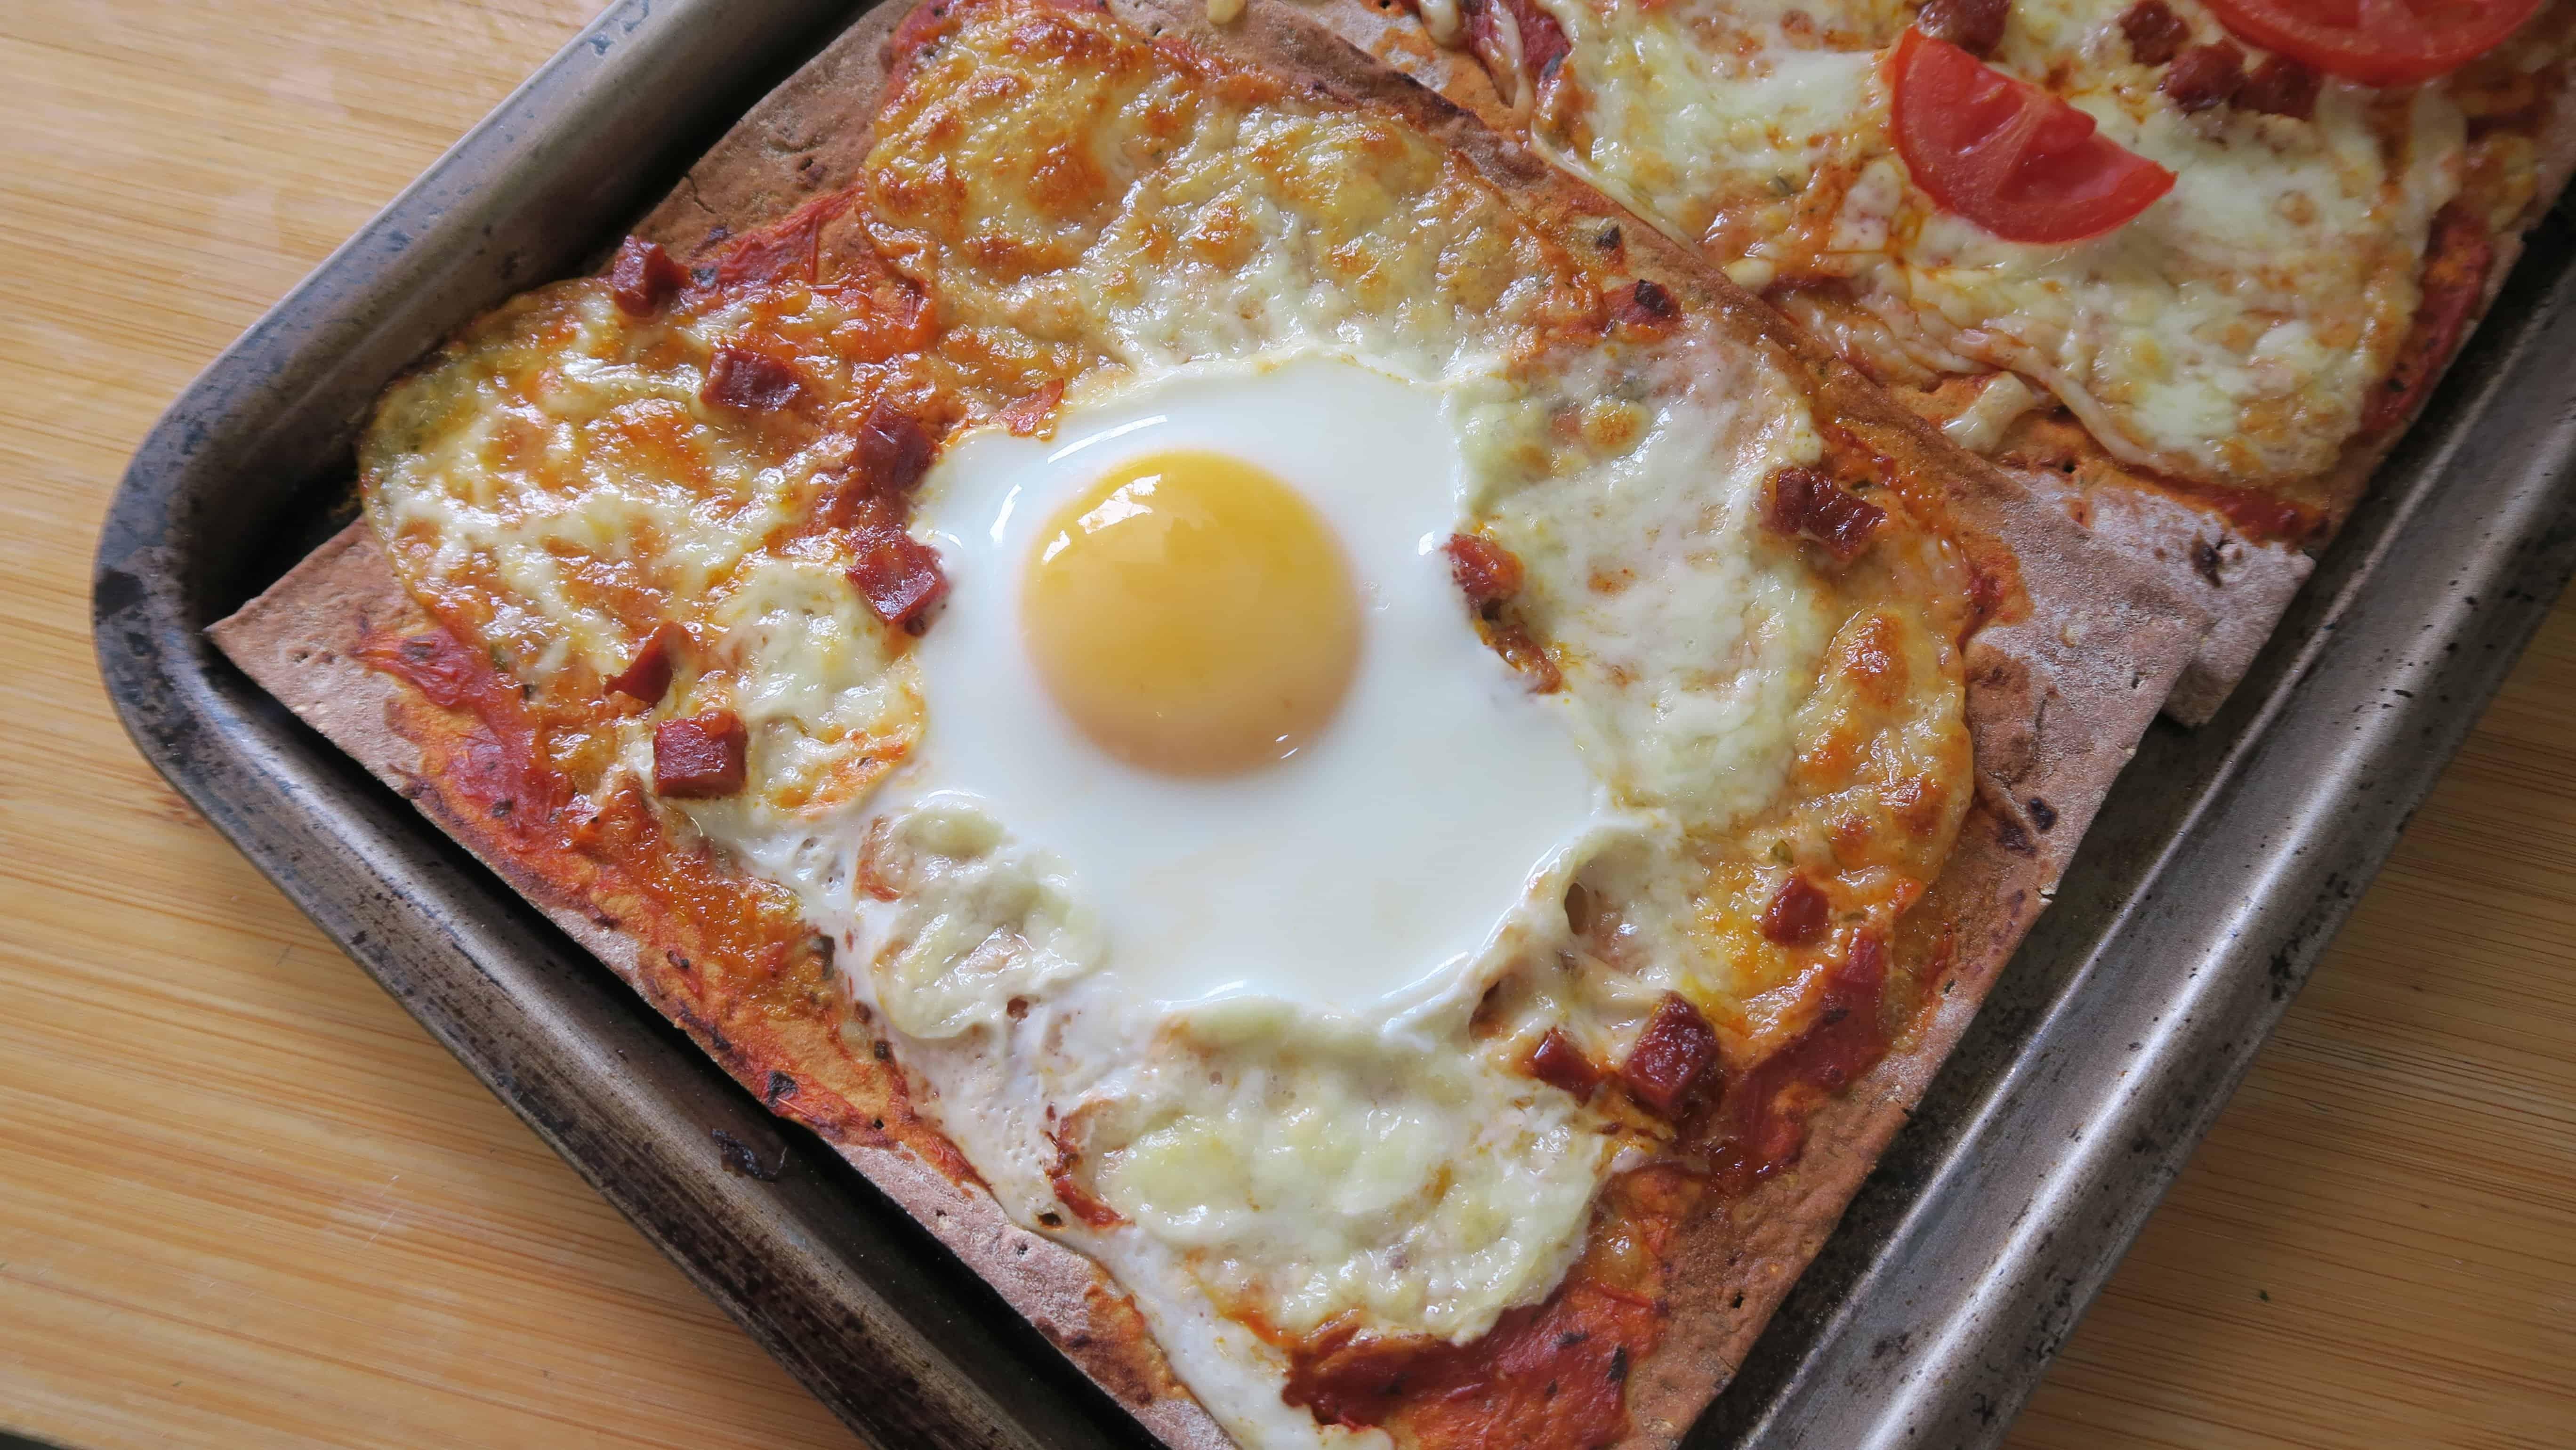 gluten free protein wraps by newburn bakehouse